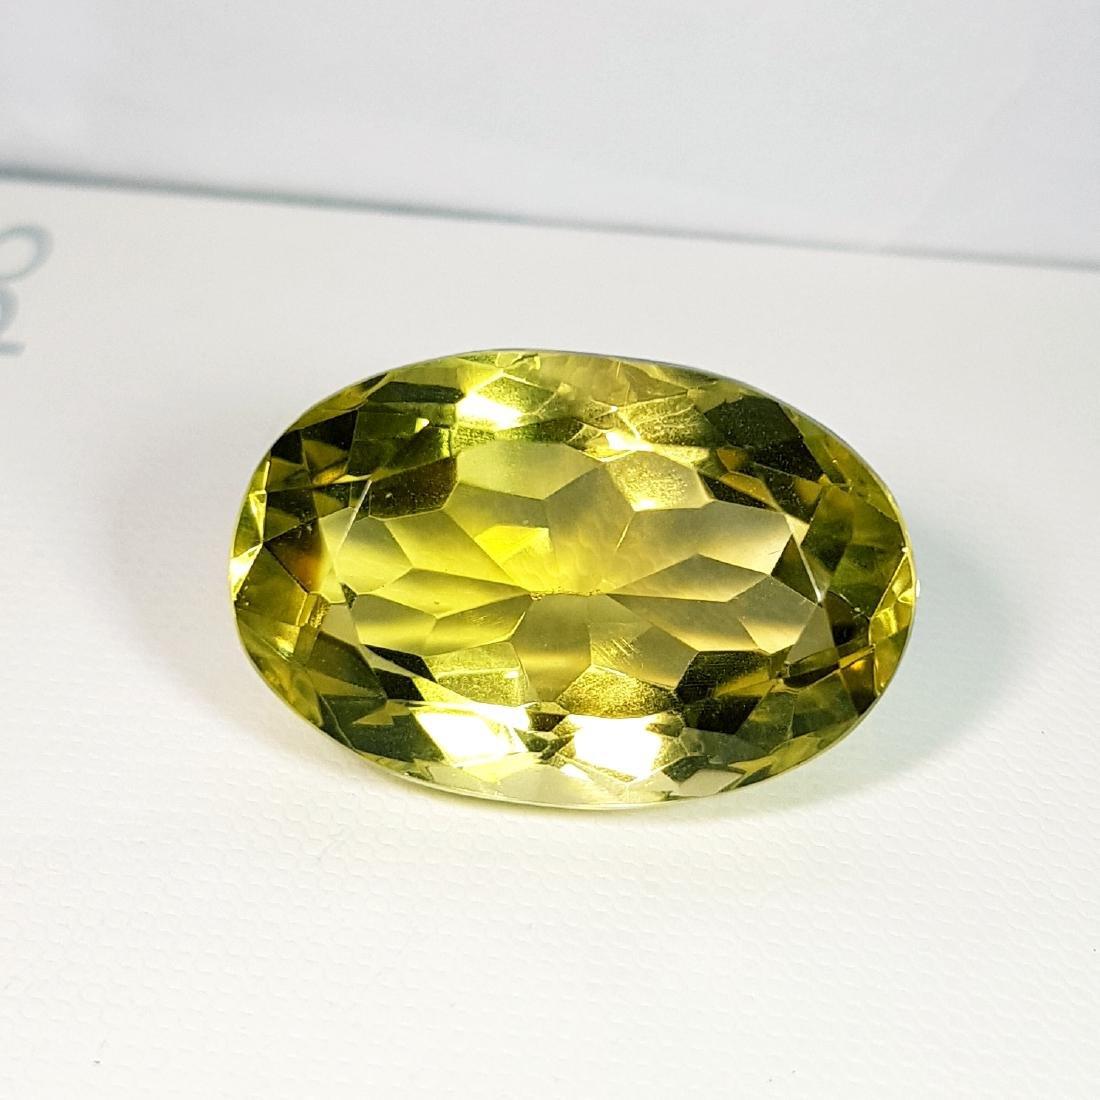 Green Gold Quartz - 70.84 ct - 2